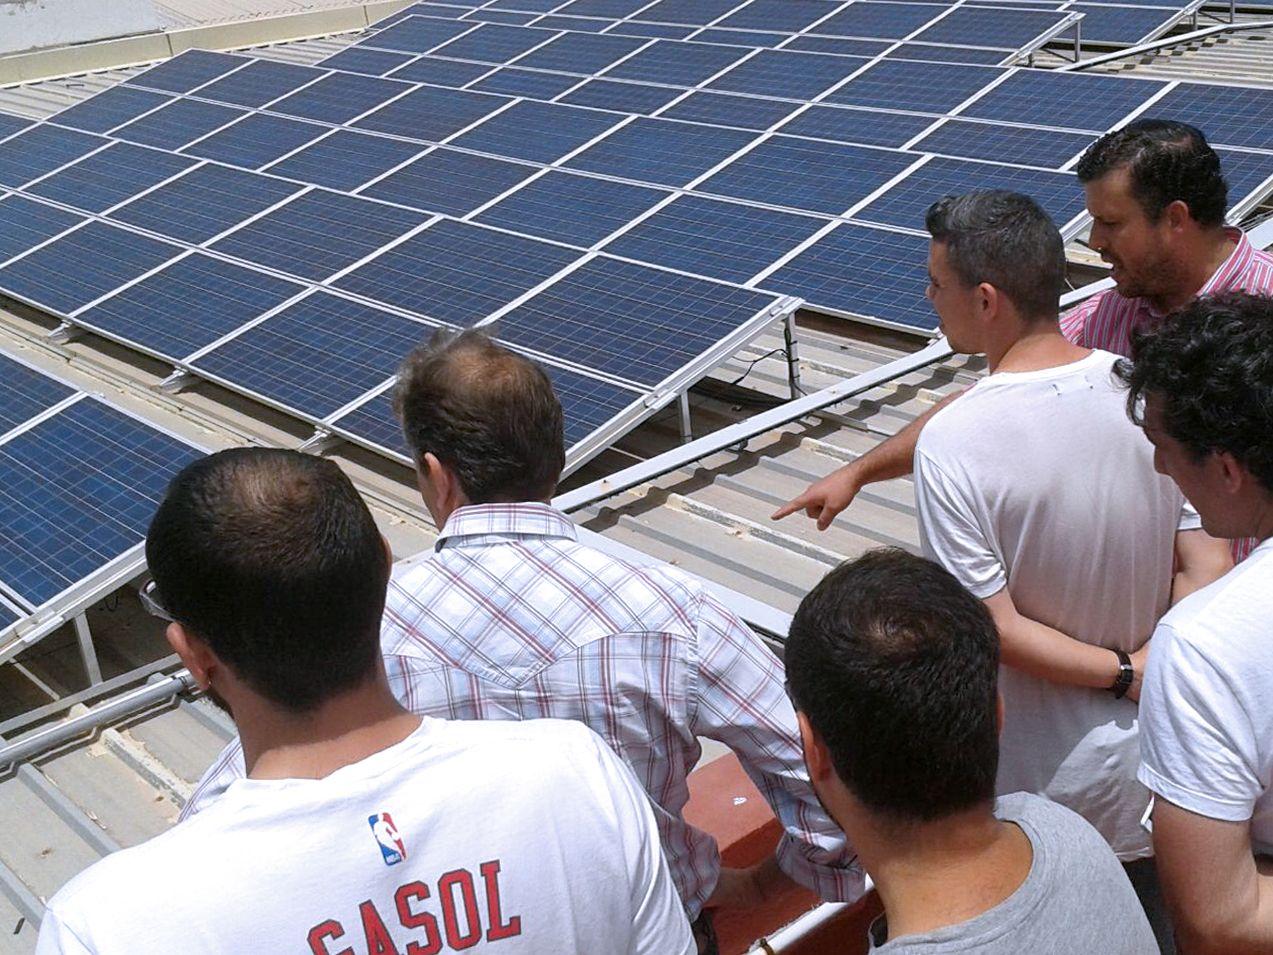 Alumnos junto al profesor estudiando una instalación solar fotovoltaica